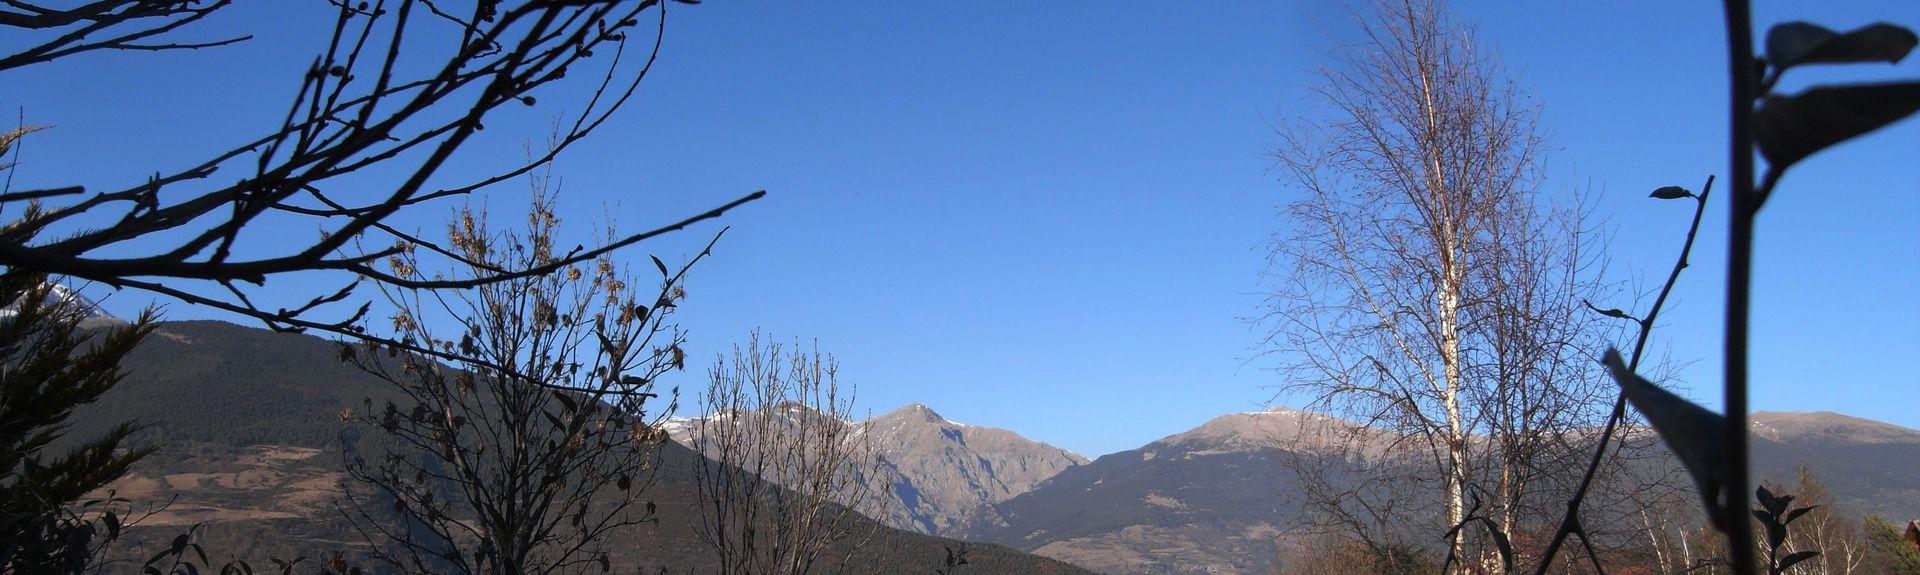 Alp 2500, Alp, Catalunha, Espanha